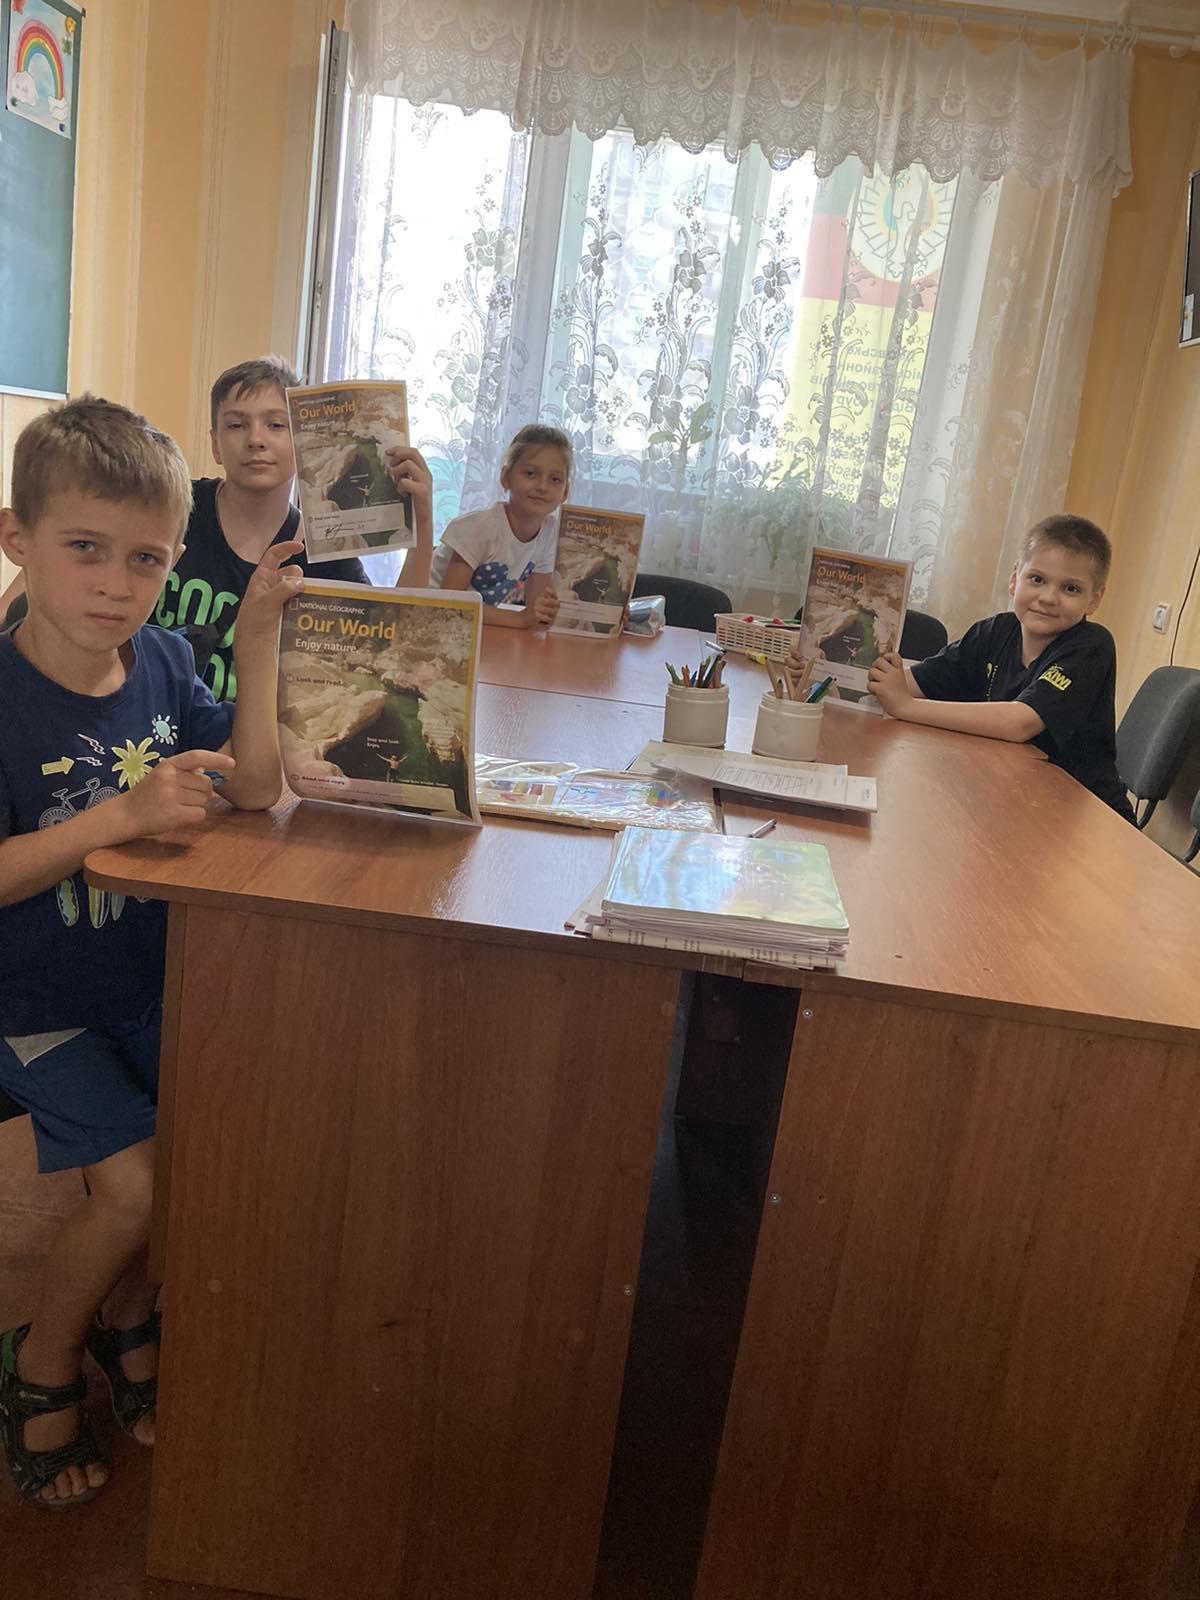 Развитие ребенка в Лозовой, помимо школы и детсада, фото-86